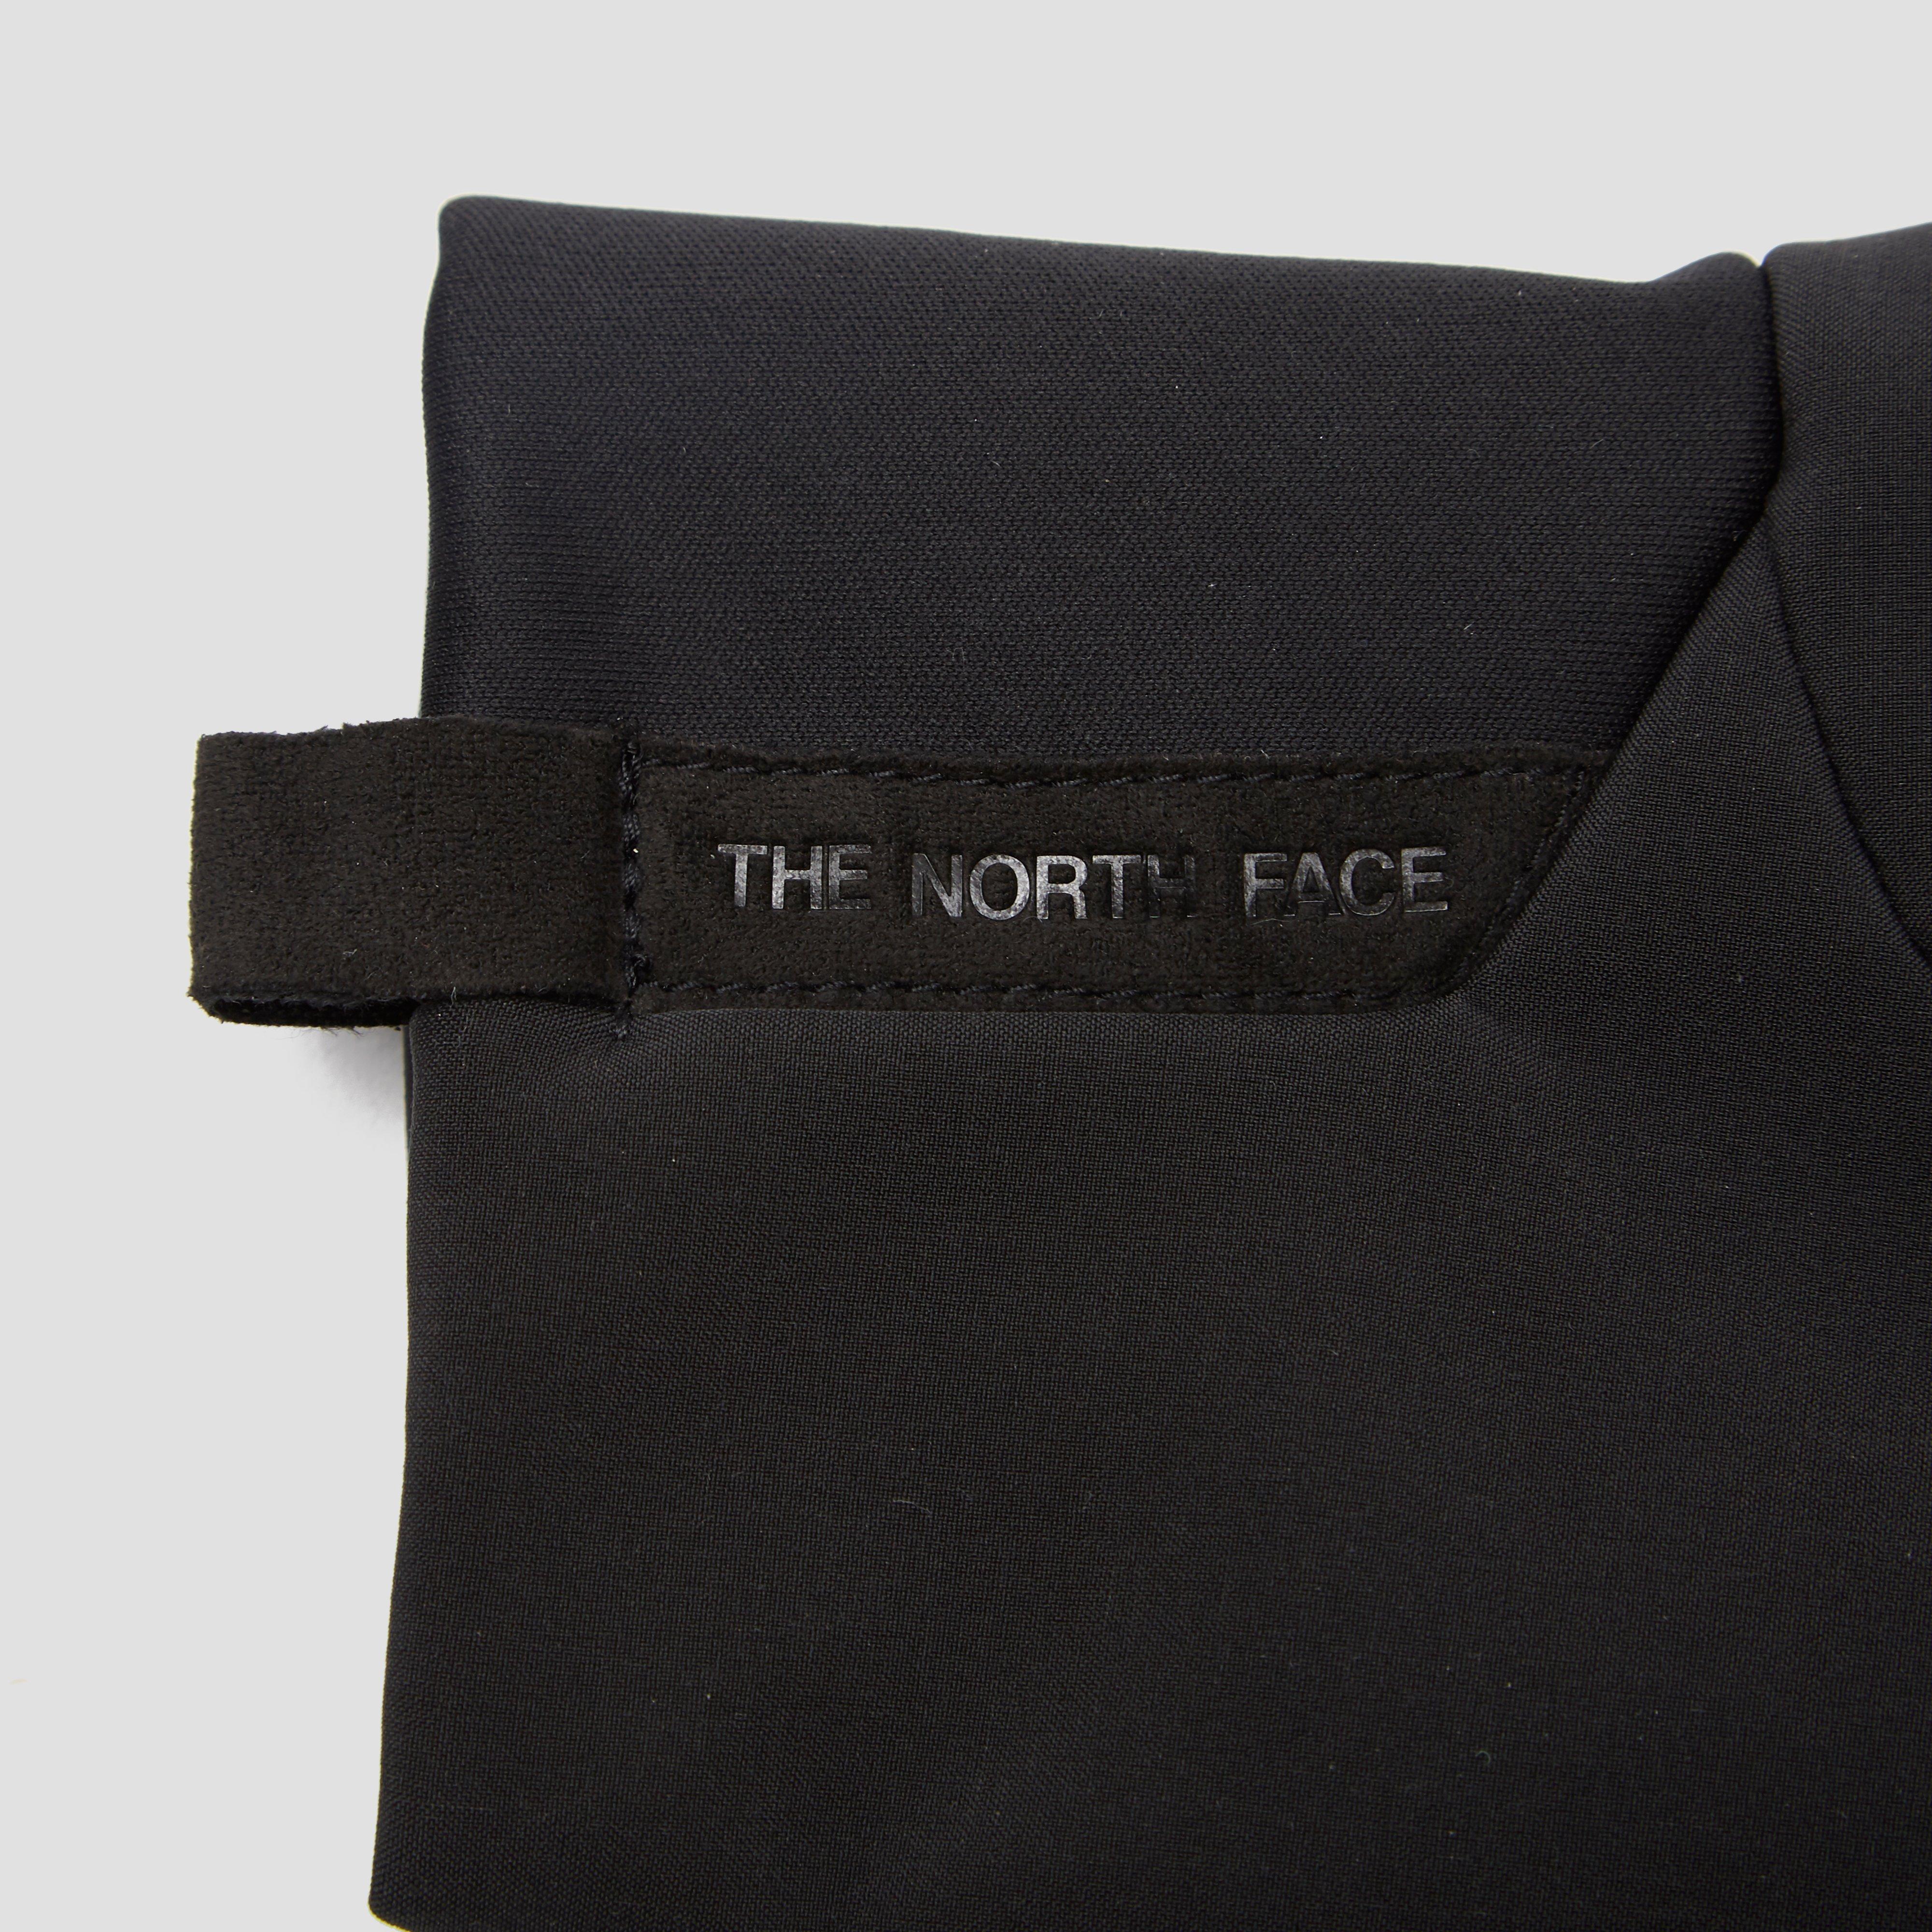 THE NORTH FACE APEX ETIP HANDSCHOENEN ZWART